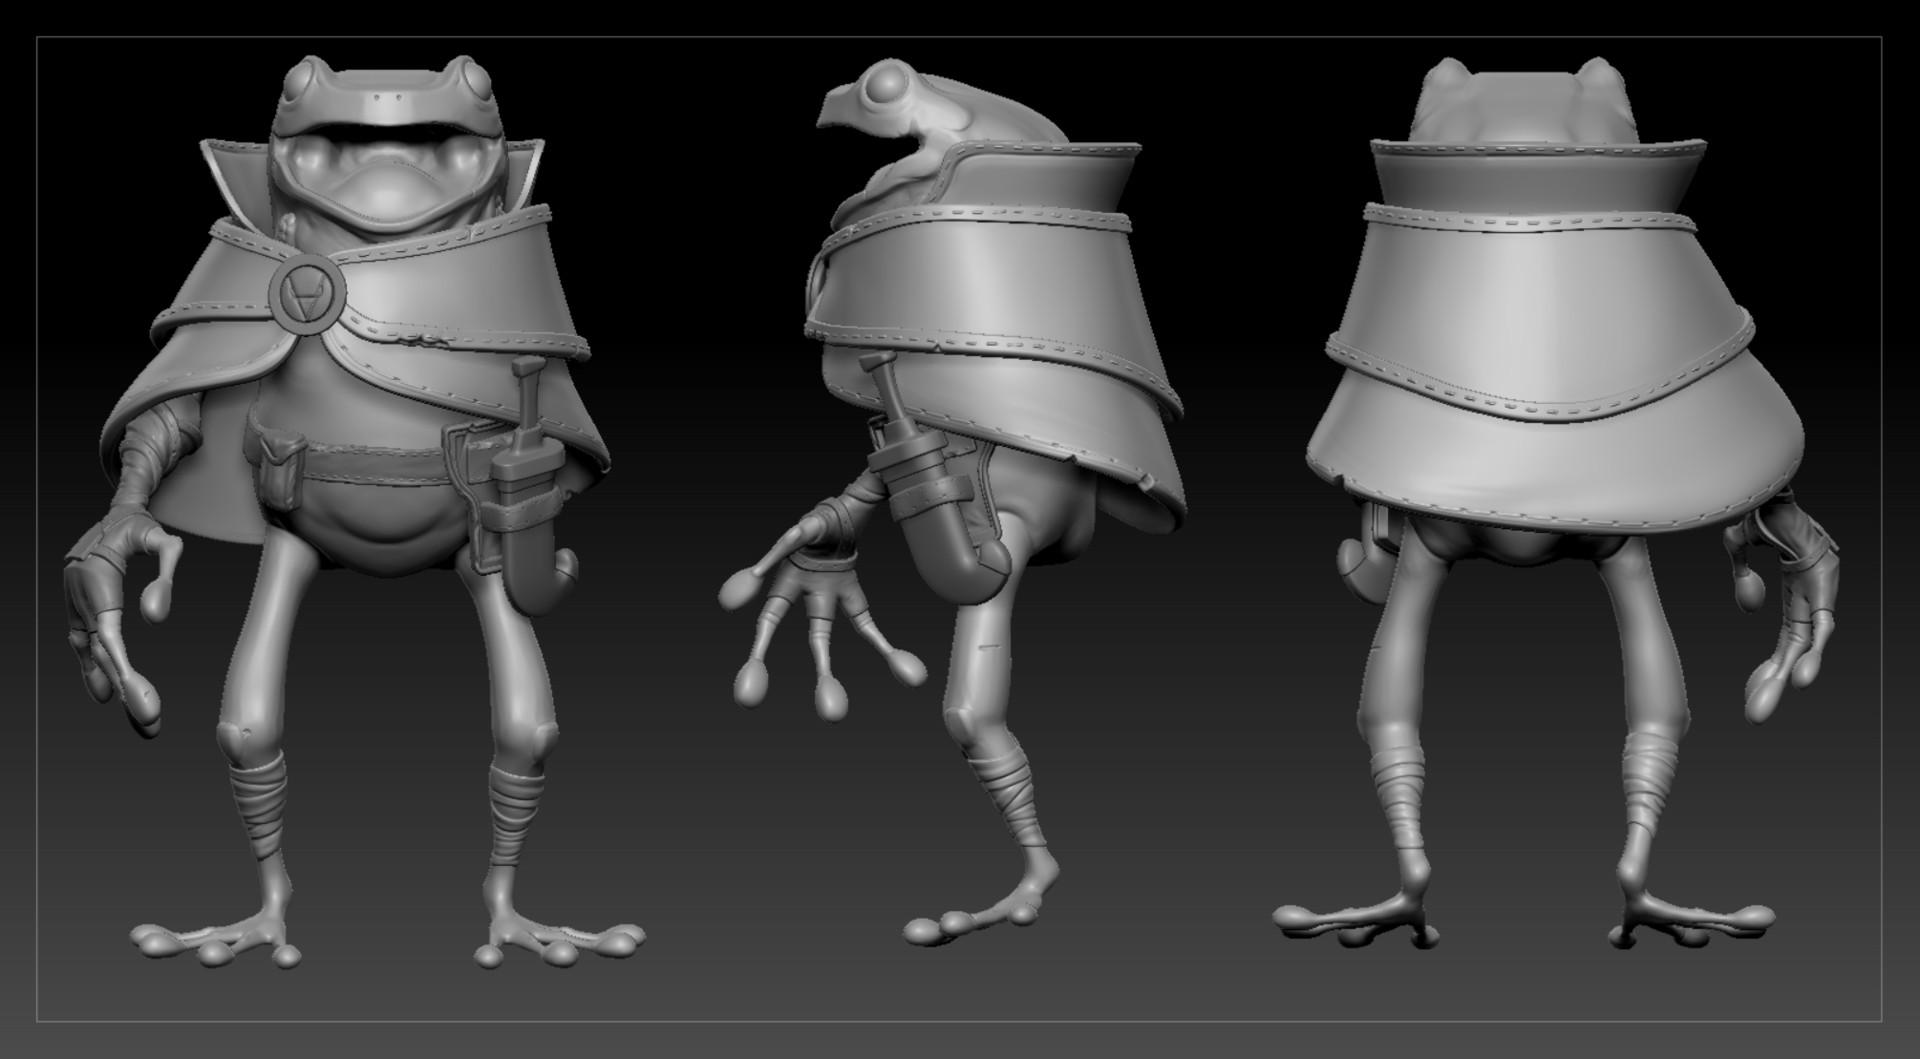 ArtStation - Toad, the Frog Rogue, Vladimir Karin